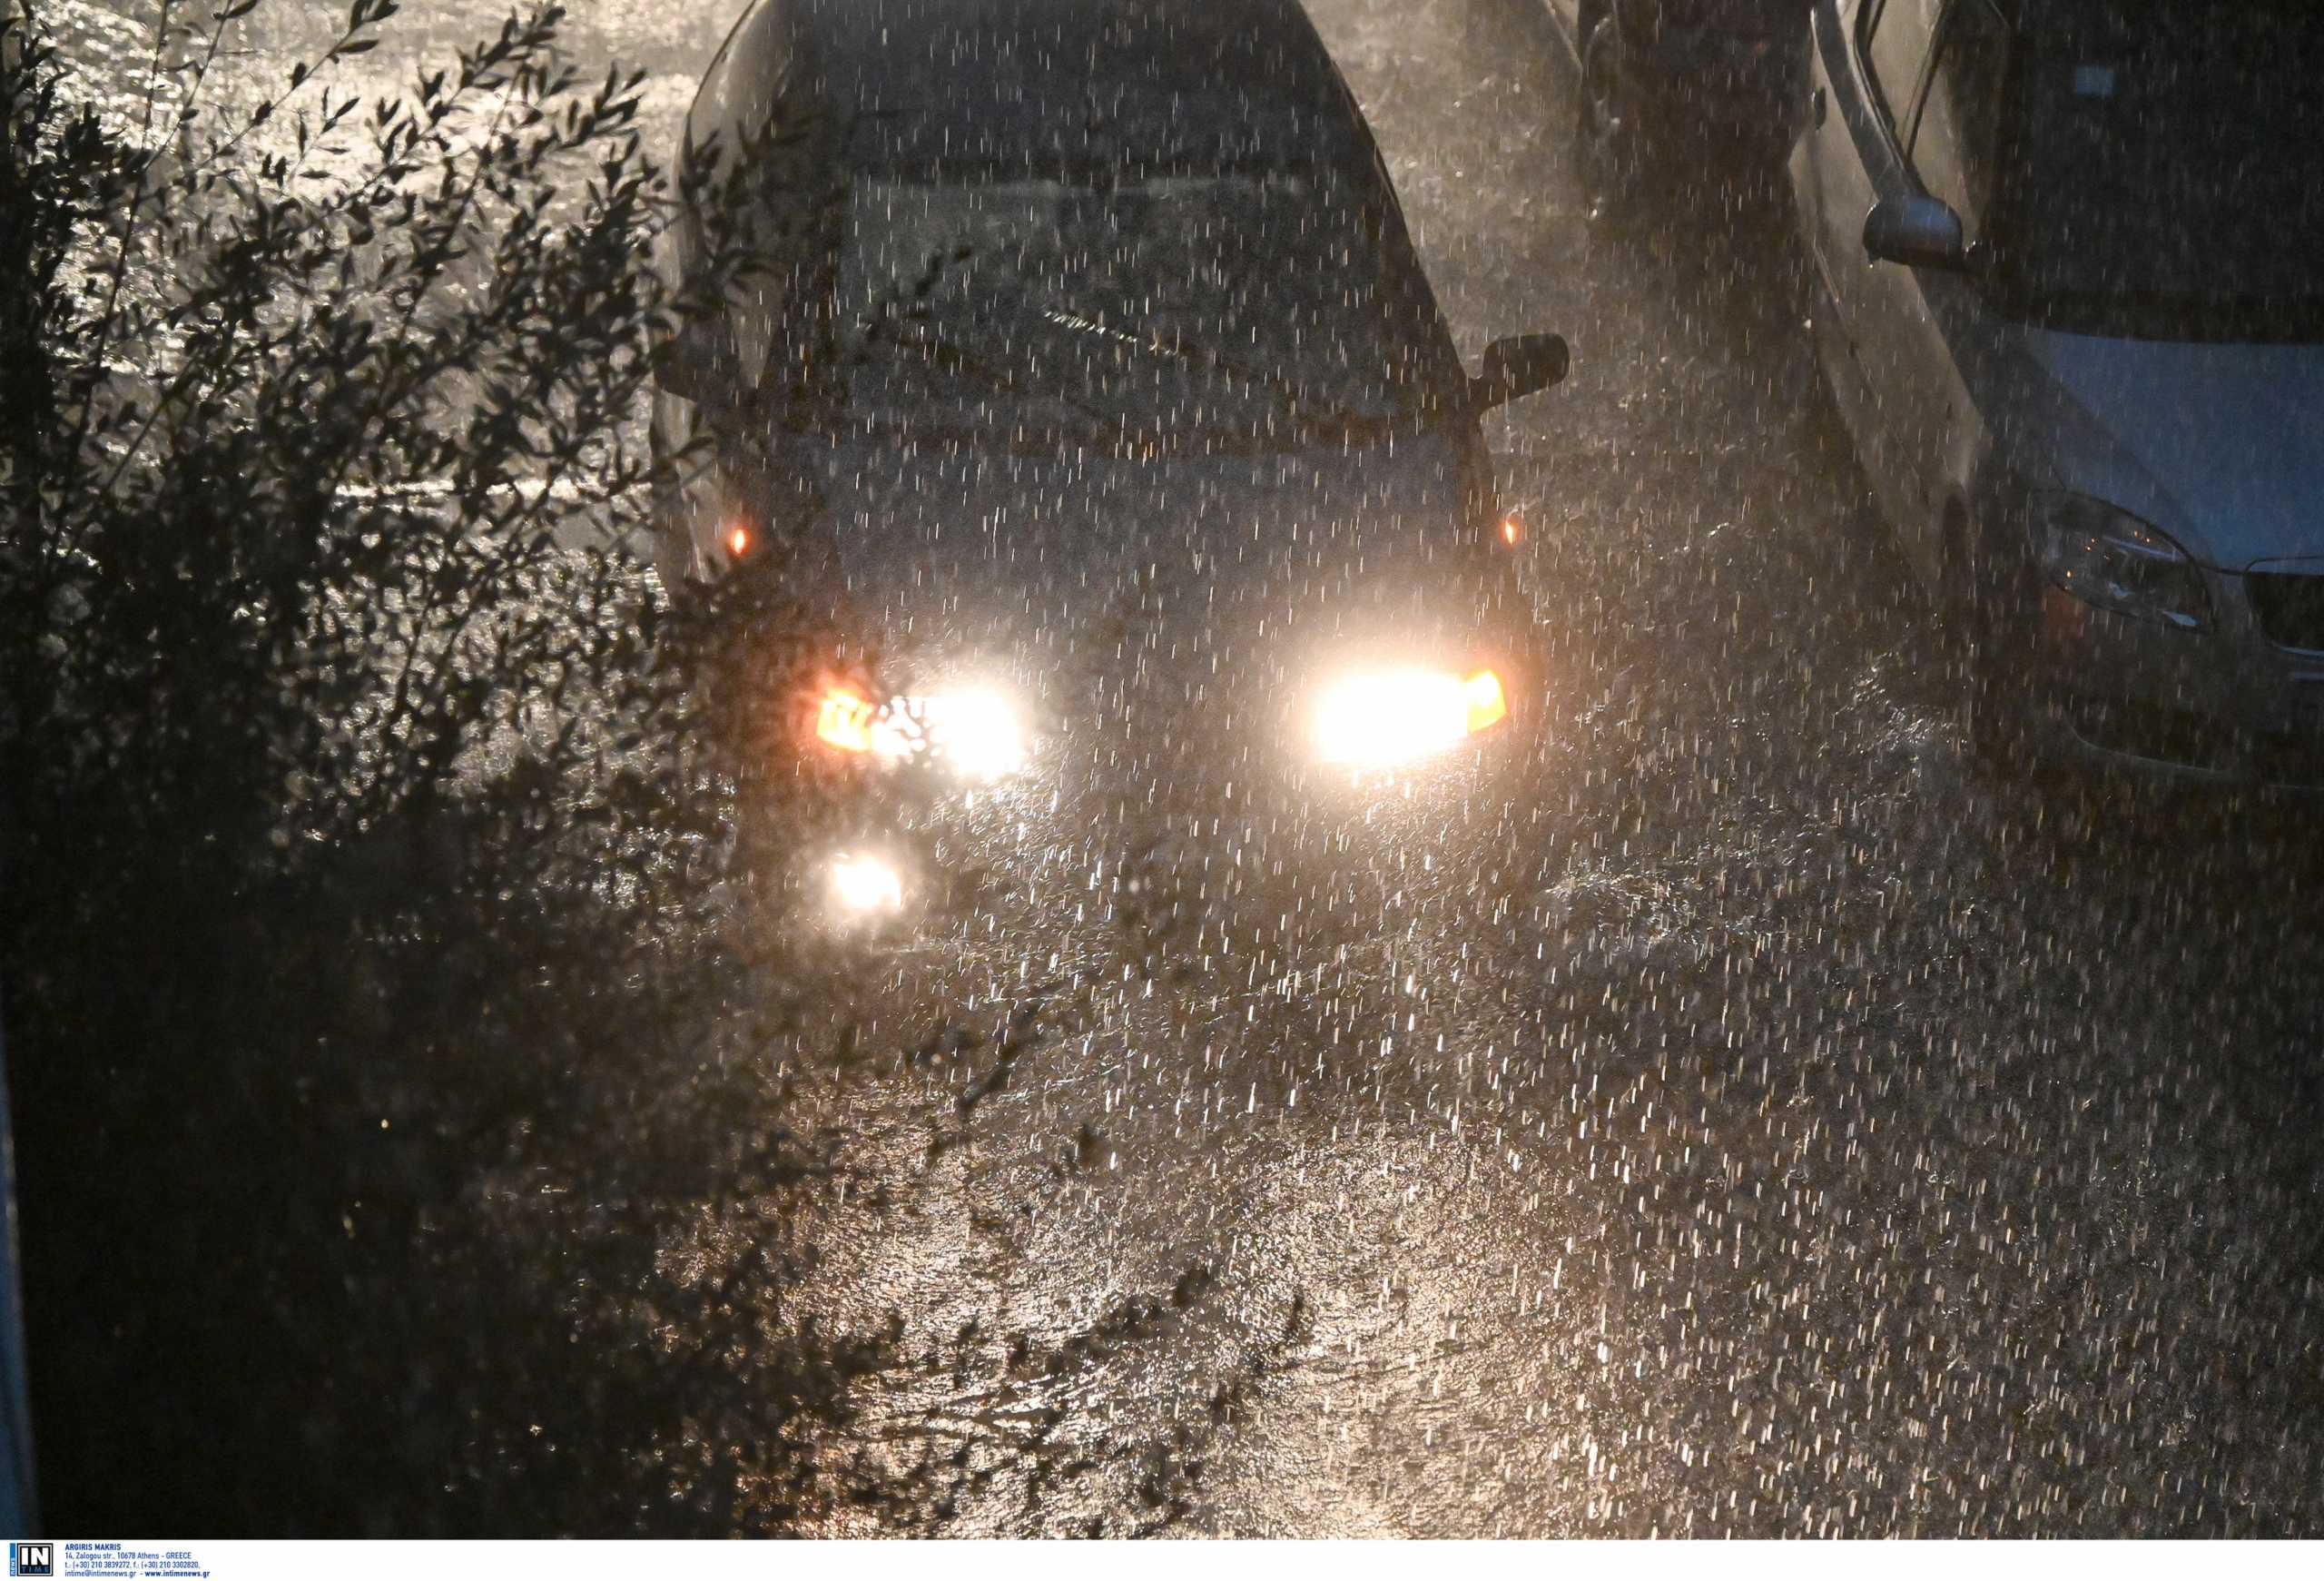 Καιρός meteo: Βροχές και αύριο σε πολλές περιοχές της χώρας